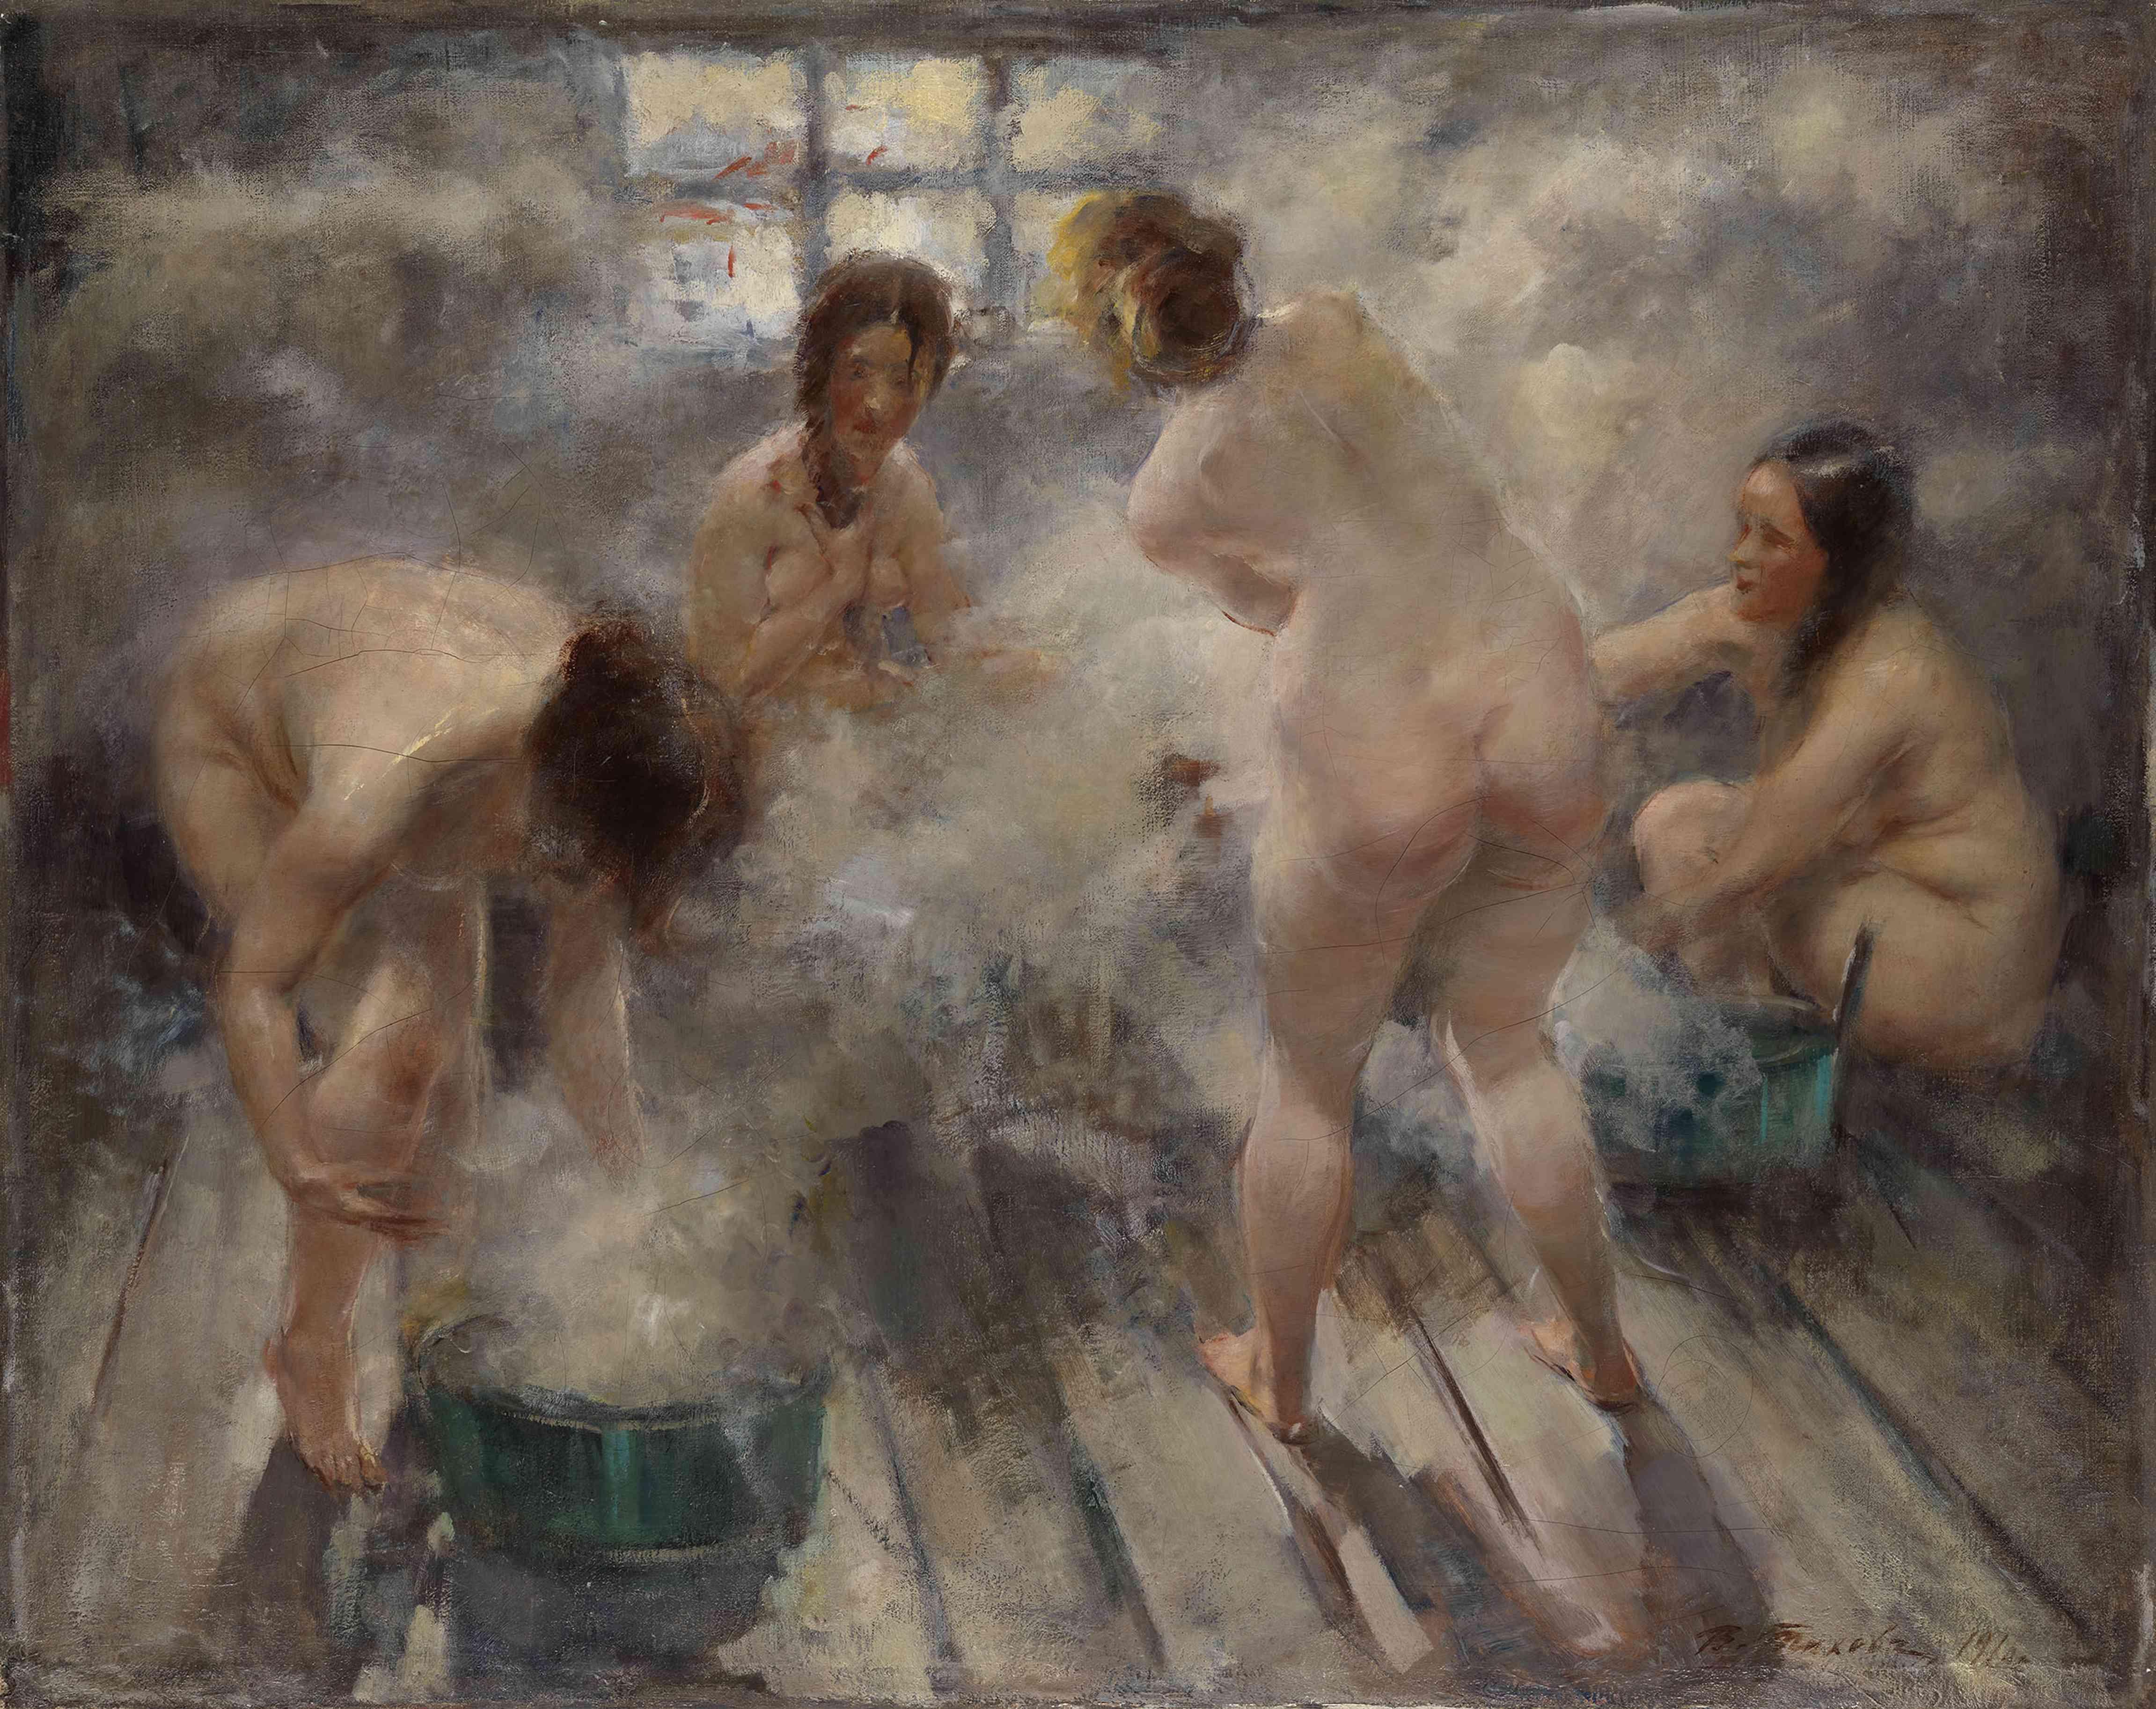 In a Russian Banya, 1916. Artist: Tikhov, Vitali Gavrilovich